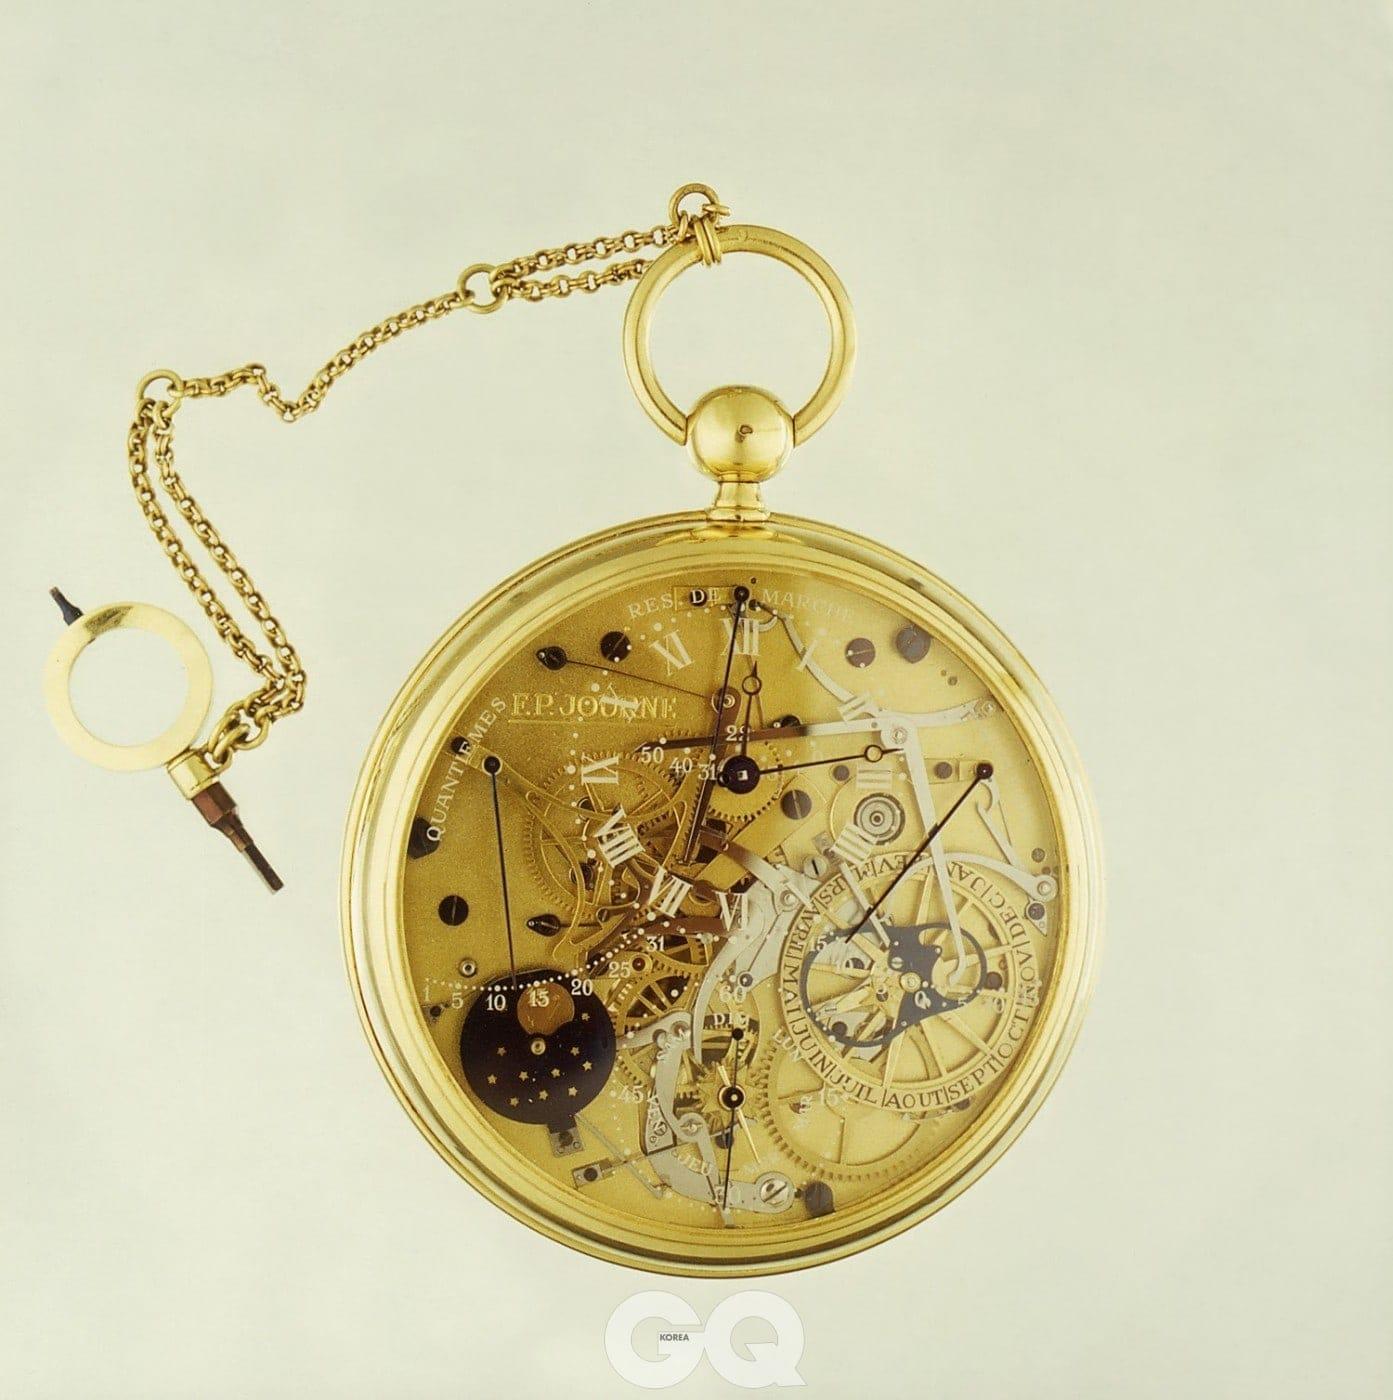 파리 베르누이 거리 공방에서 1986년에 완성한 회중시계. 마리 앙투아네트가 아브라함 루이 브레게에게 주문했던 초복잡 회중시계에서 영감받았다.